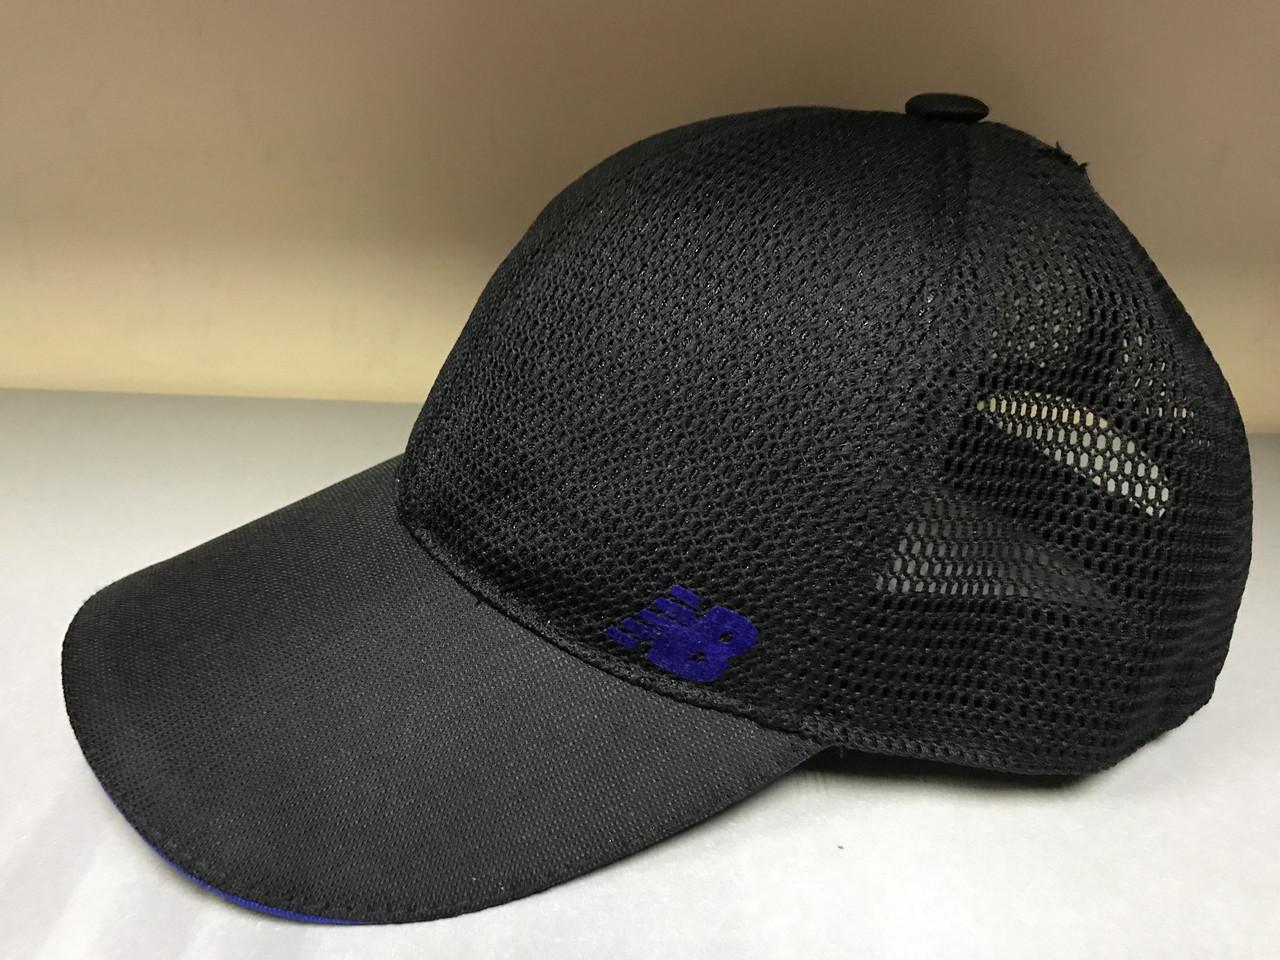 Бейсболка   с регулятором размера задняя часть из сетки цвет черный